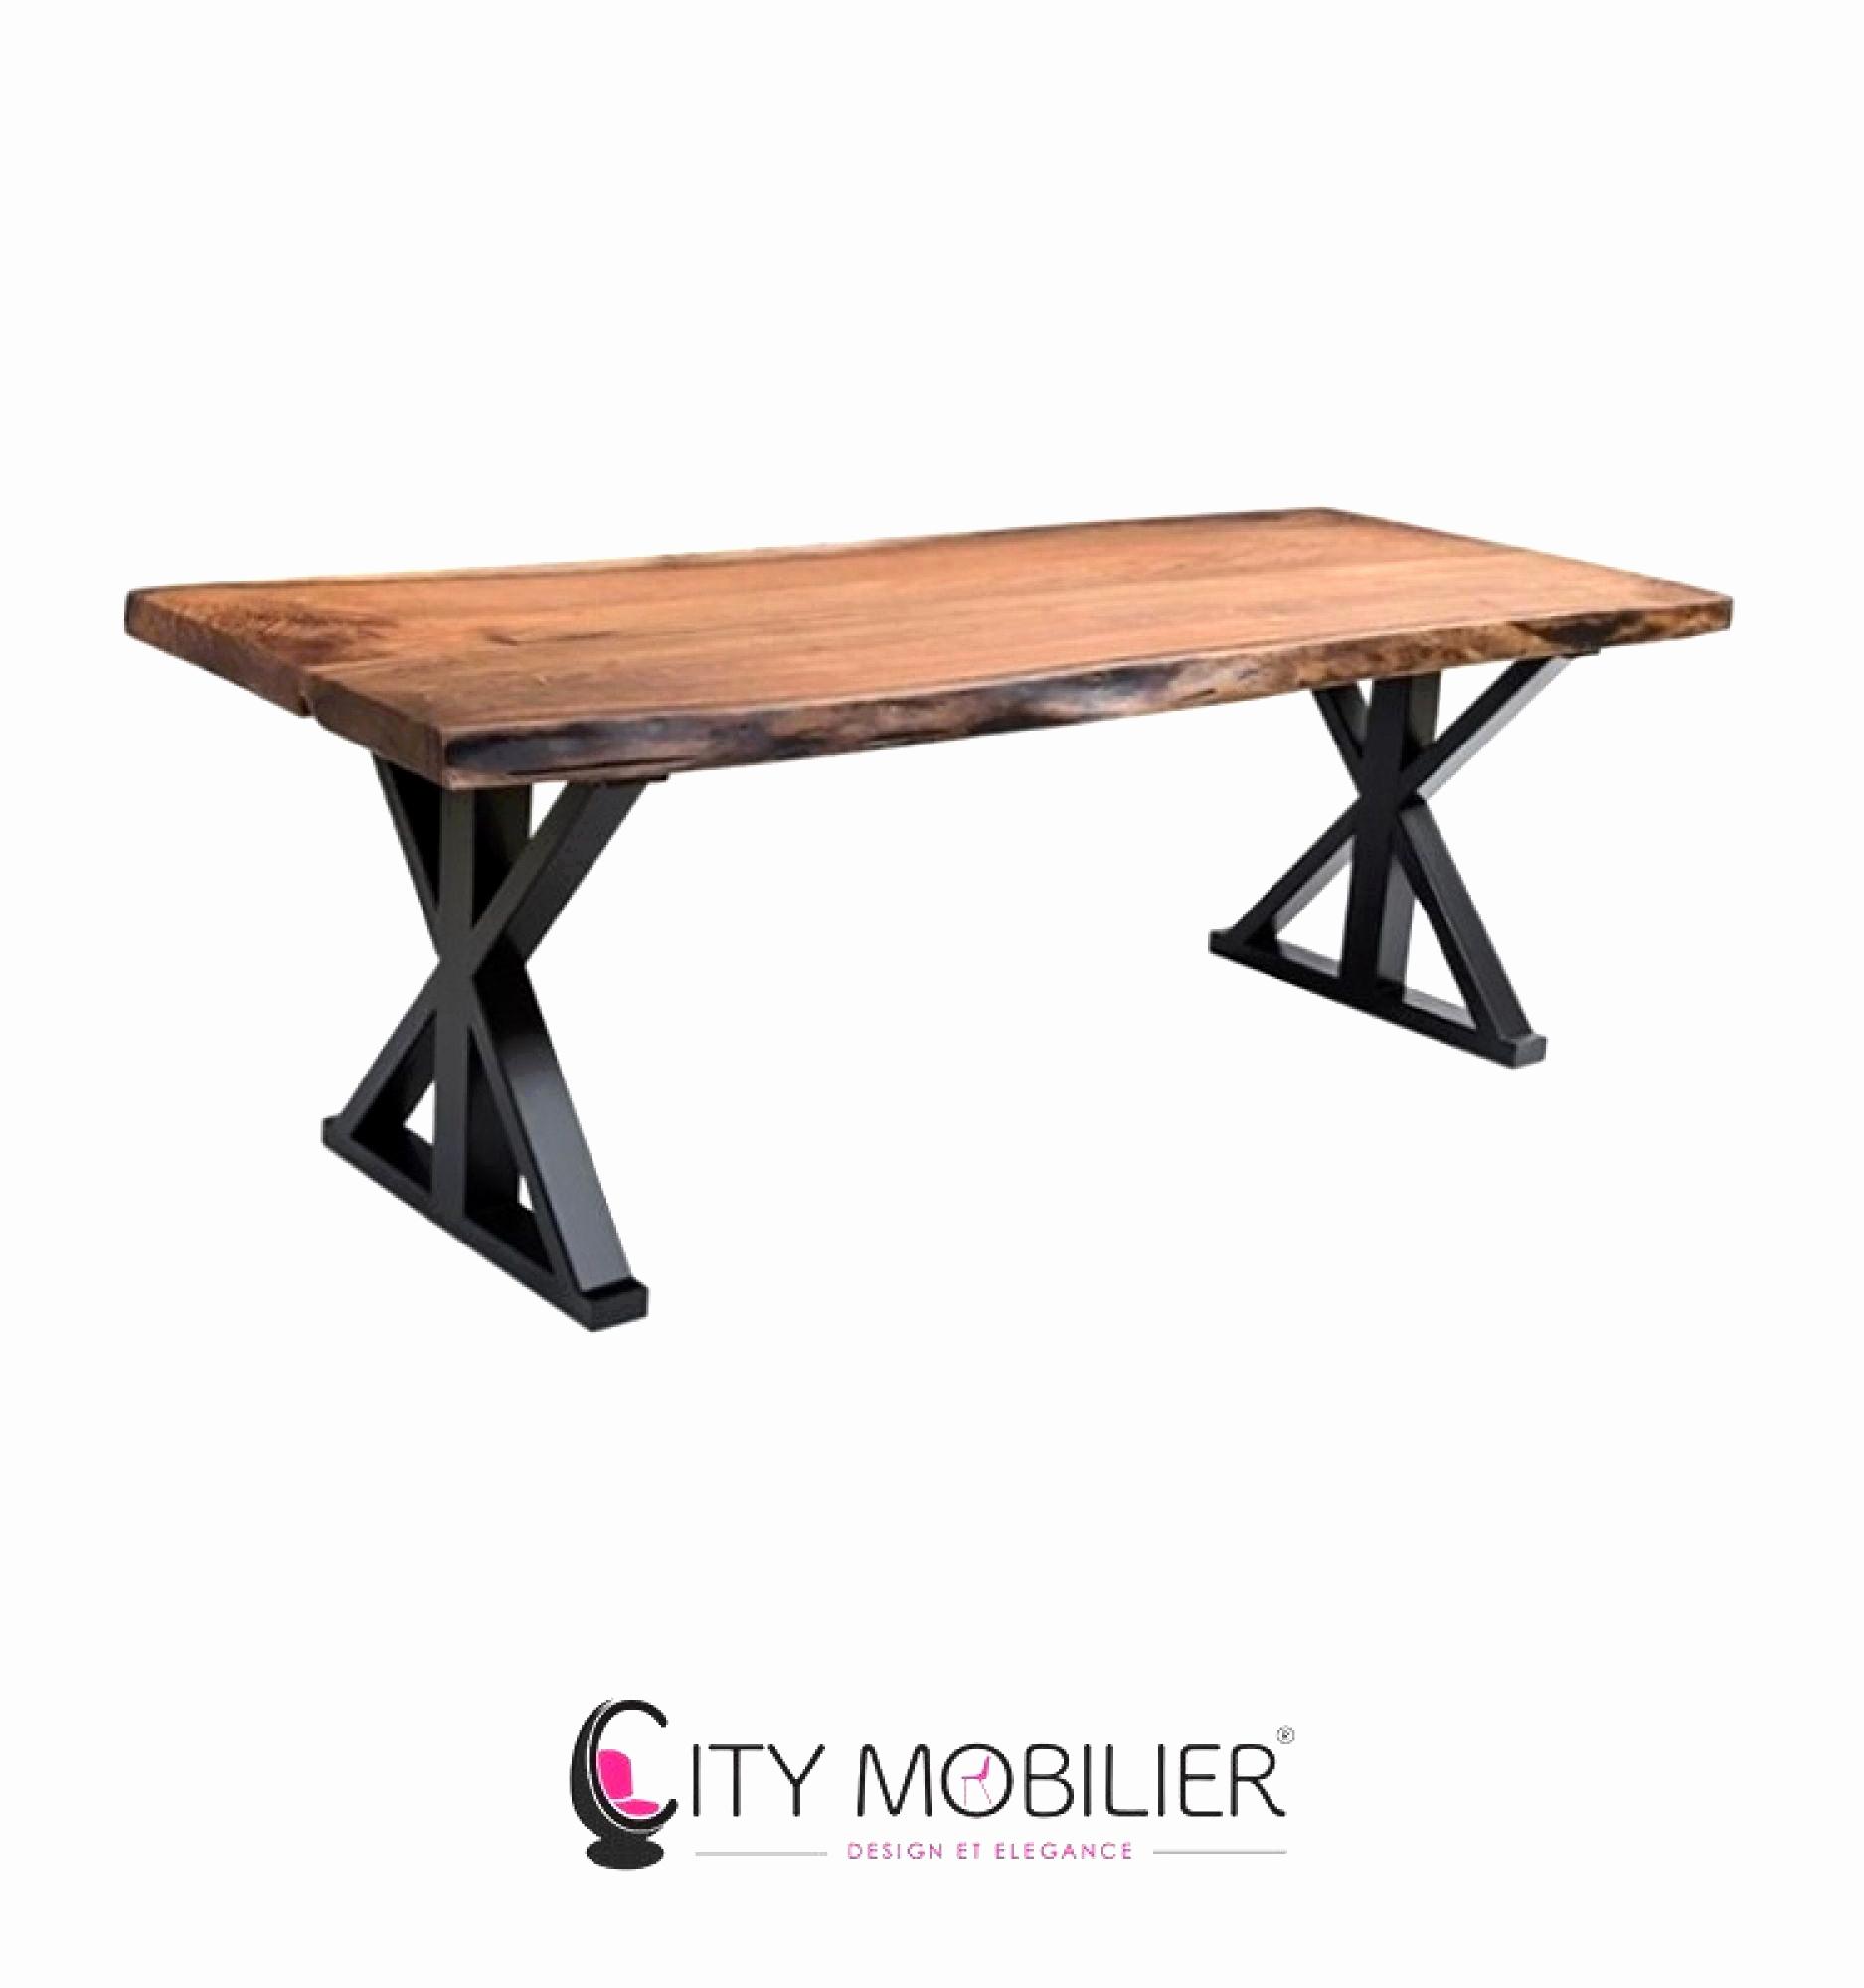 Fauteuil De Table Unique élégant Pietement Table Basse Luckytroll